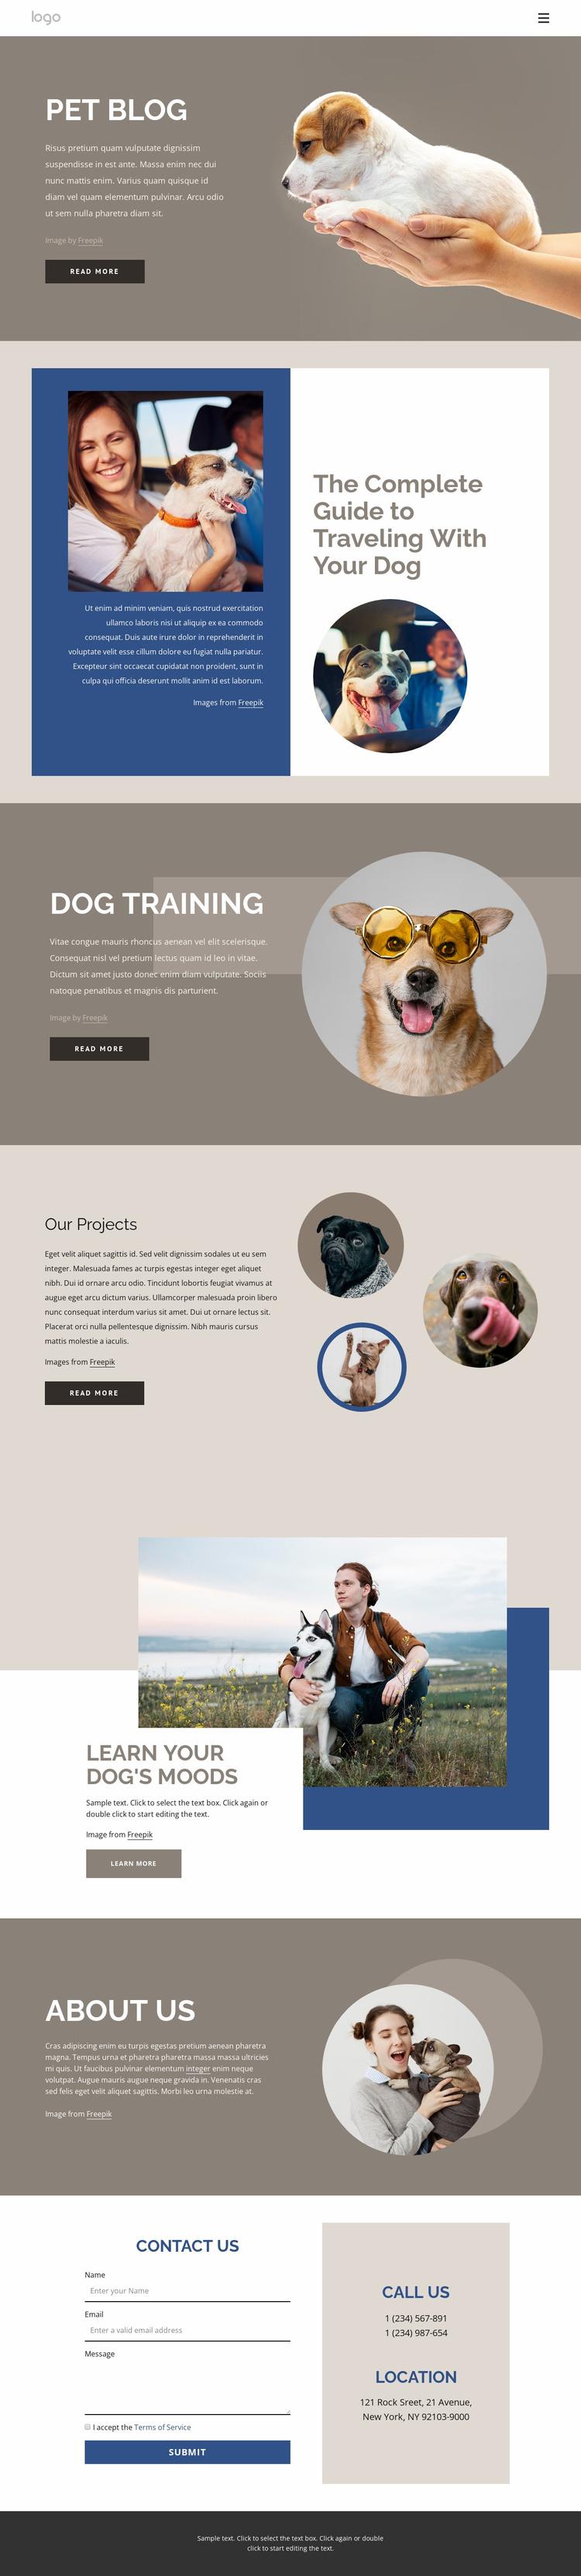 Pet Blog Website Template